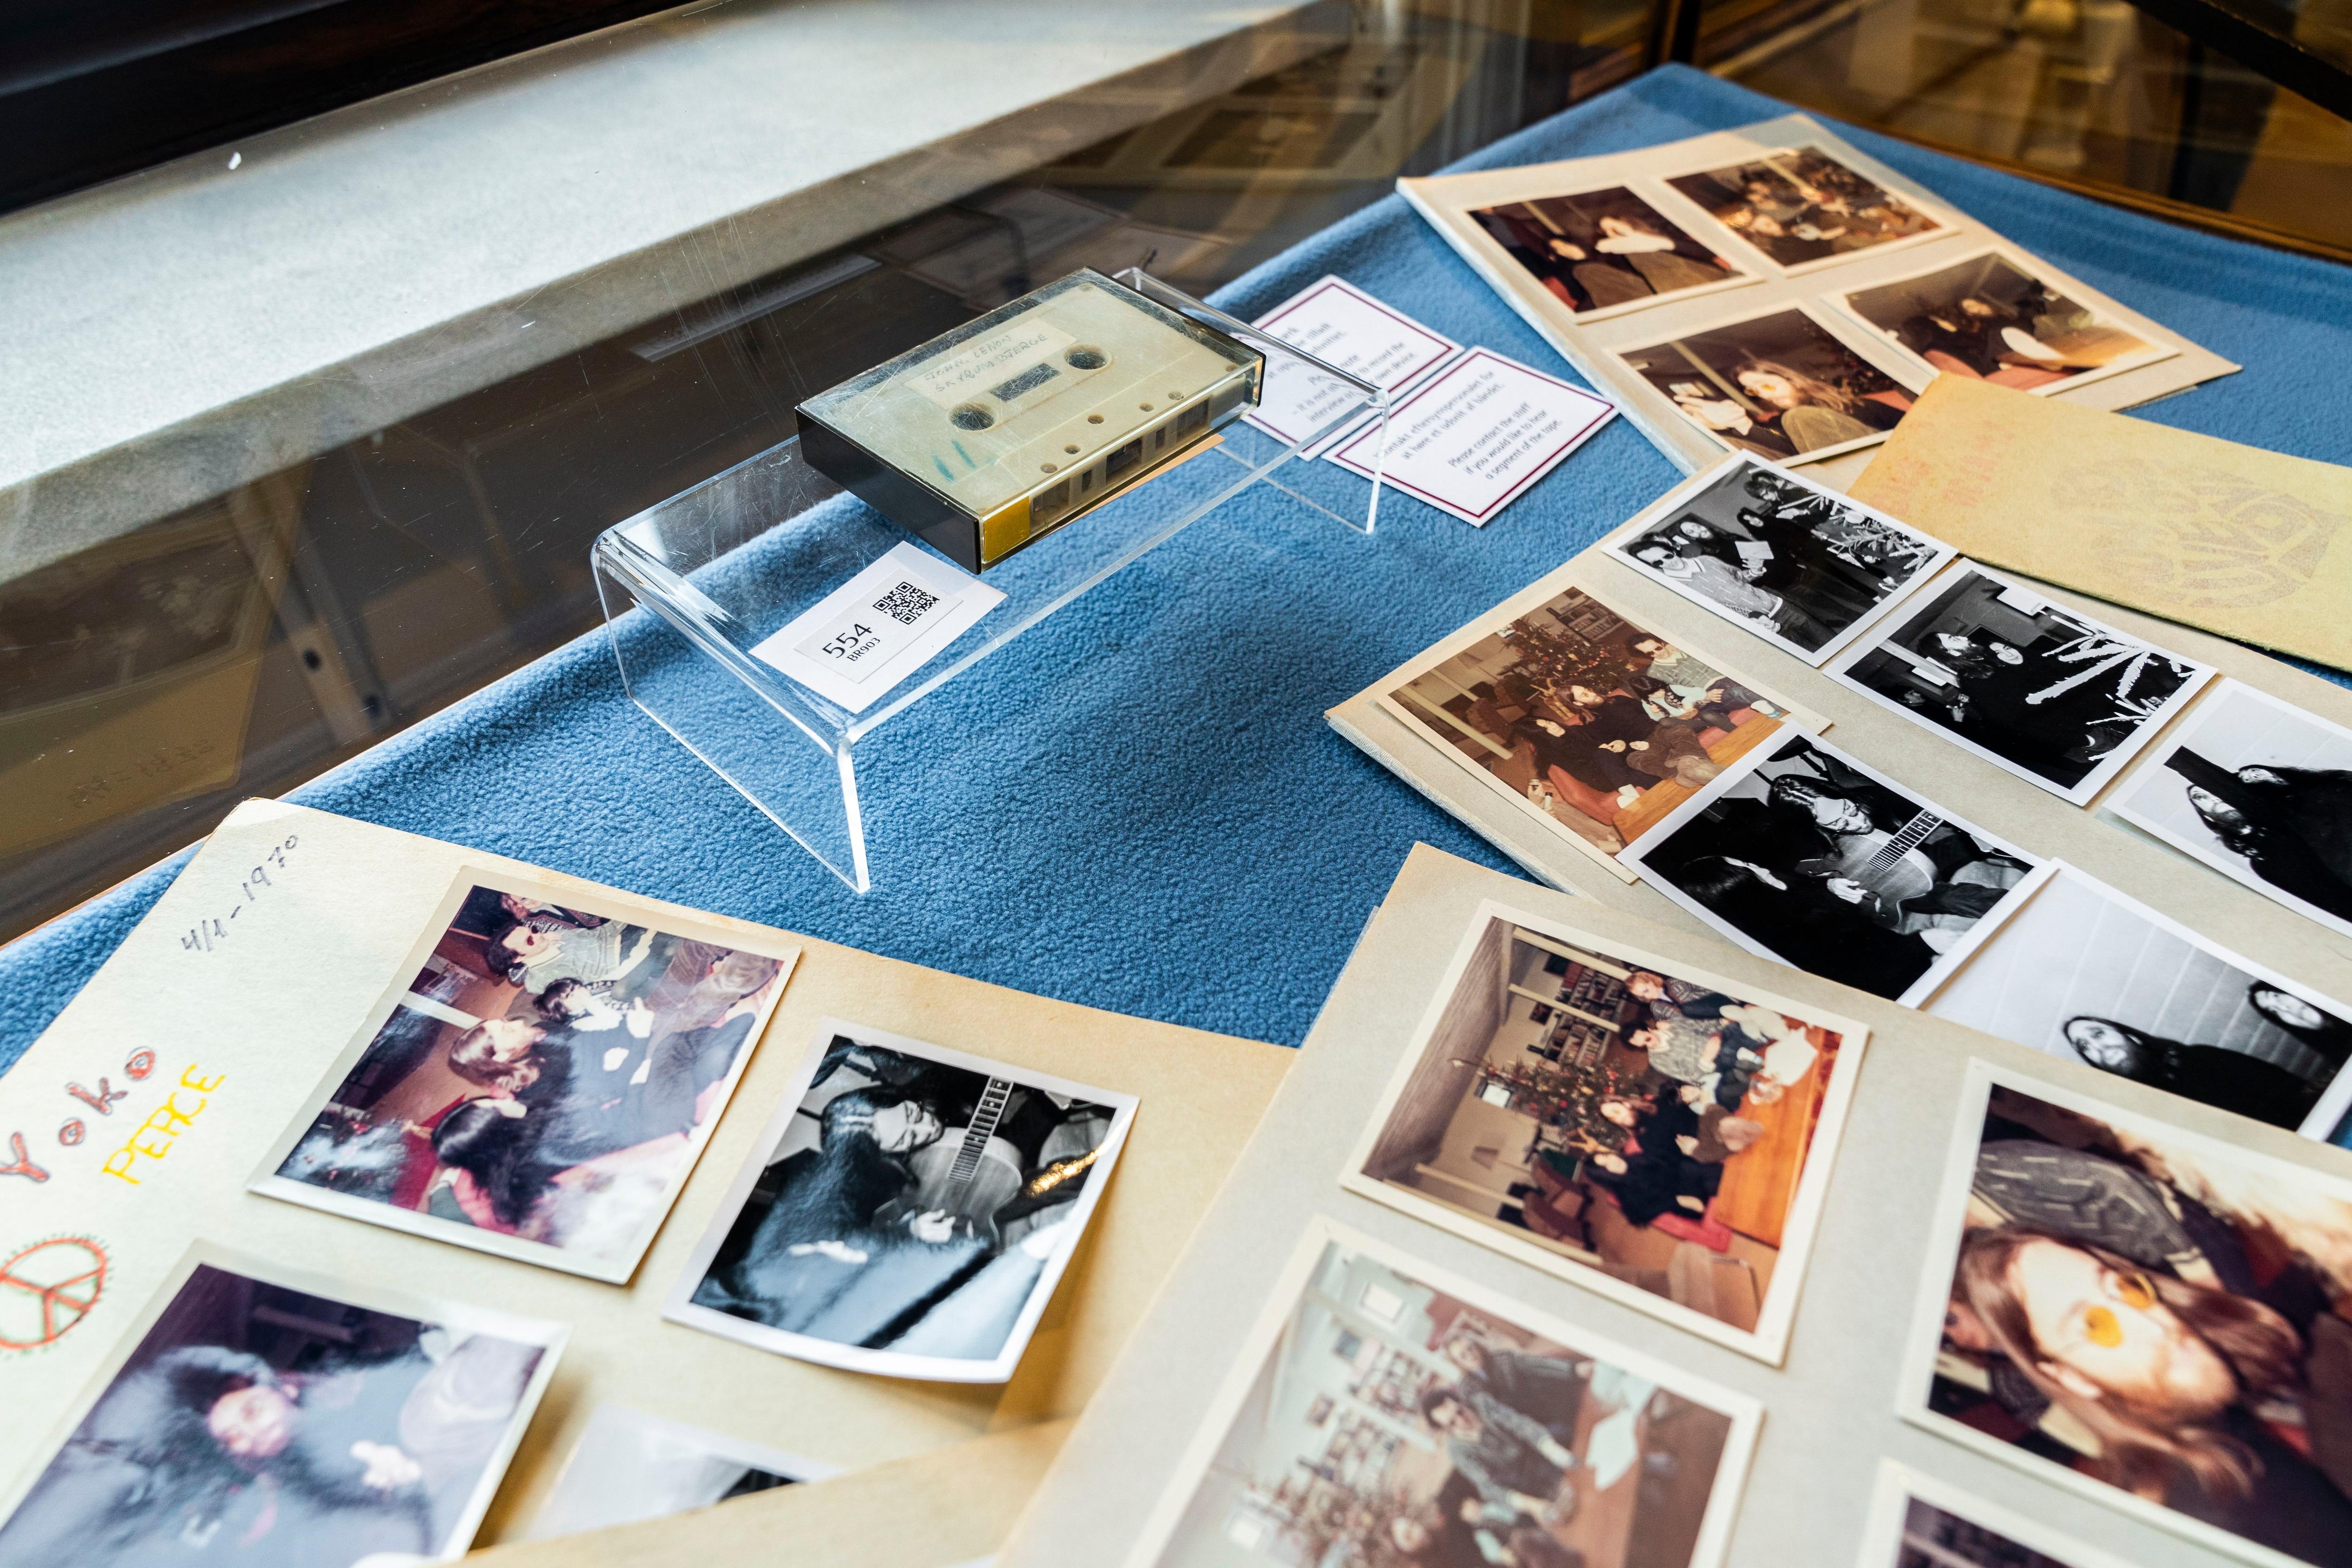 ARCHIVO - En esta foto del 24 de septiembre de 2021, un casete con una entrevista que cuatro chicos daneses le hicieron a John Lennon y Yoko Ono en 1970 se exhibe junto a varias fotografías en la casa de subastas Bruun Rasmussen en Copenhague. El casete se vendió el martes por 370.000 coronas (58.240 dólares). (Ida Marie Odgaard/Ritzau Scanpix via AP, Archivo)